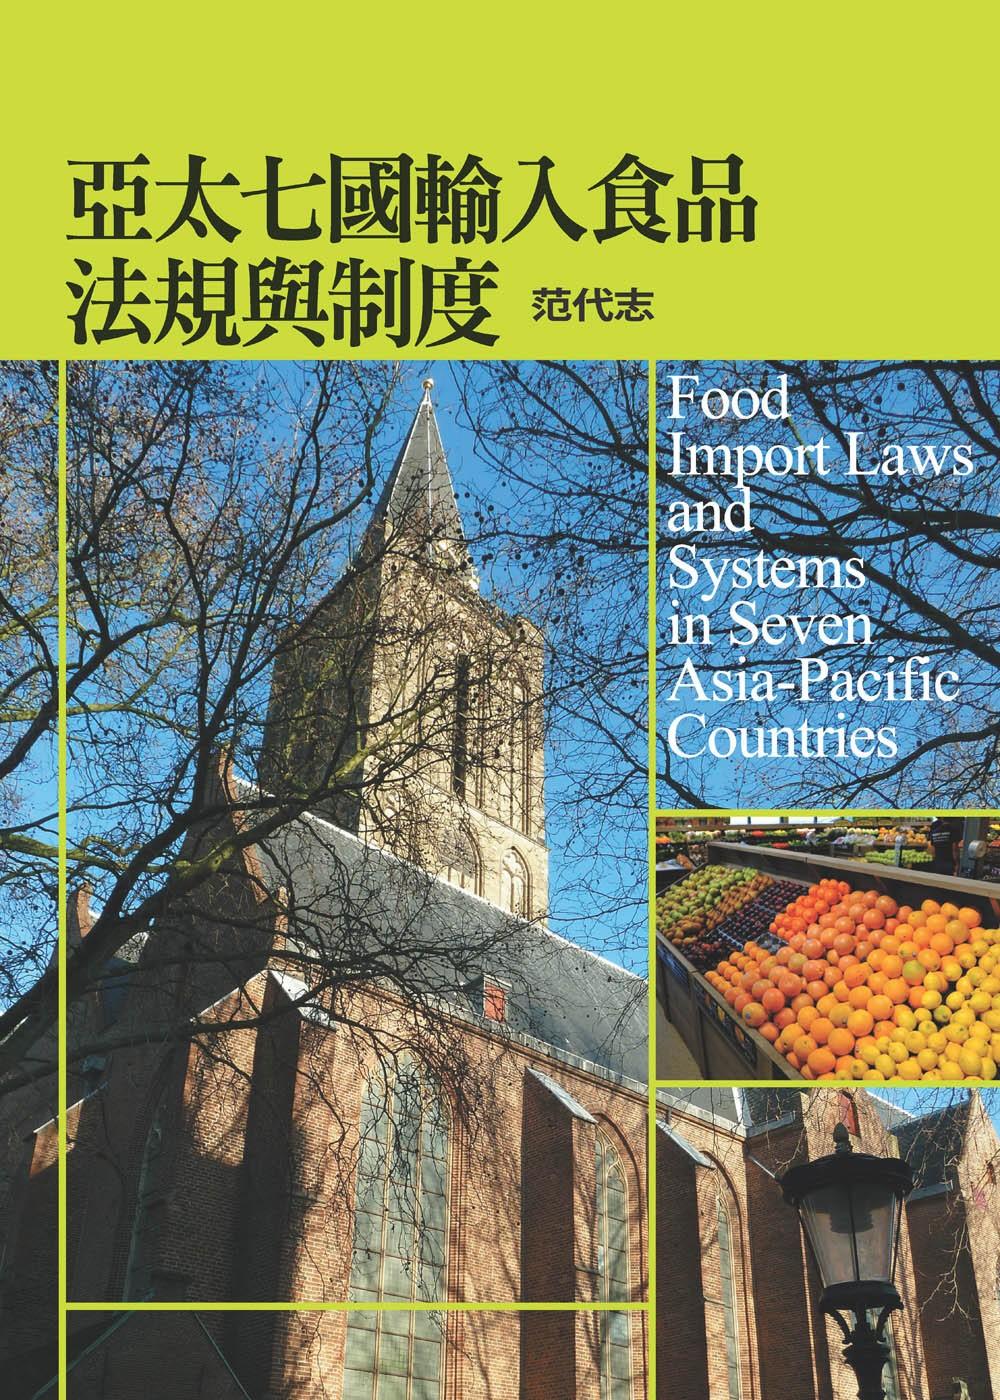 亞太七國輸入食品法規與制度